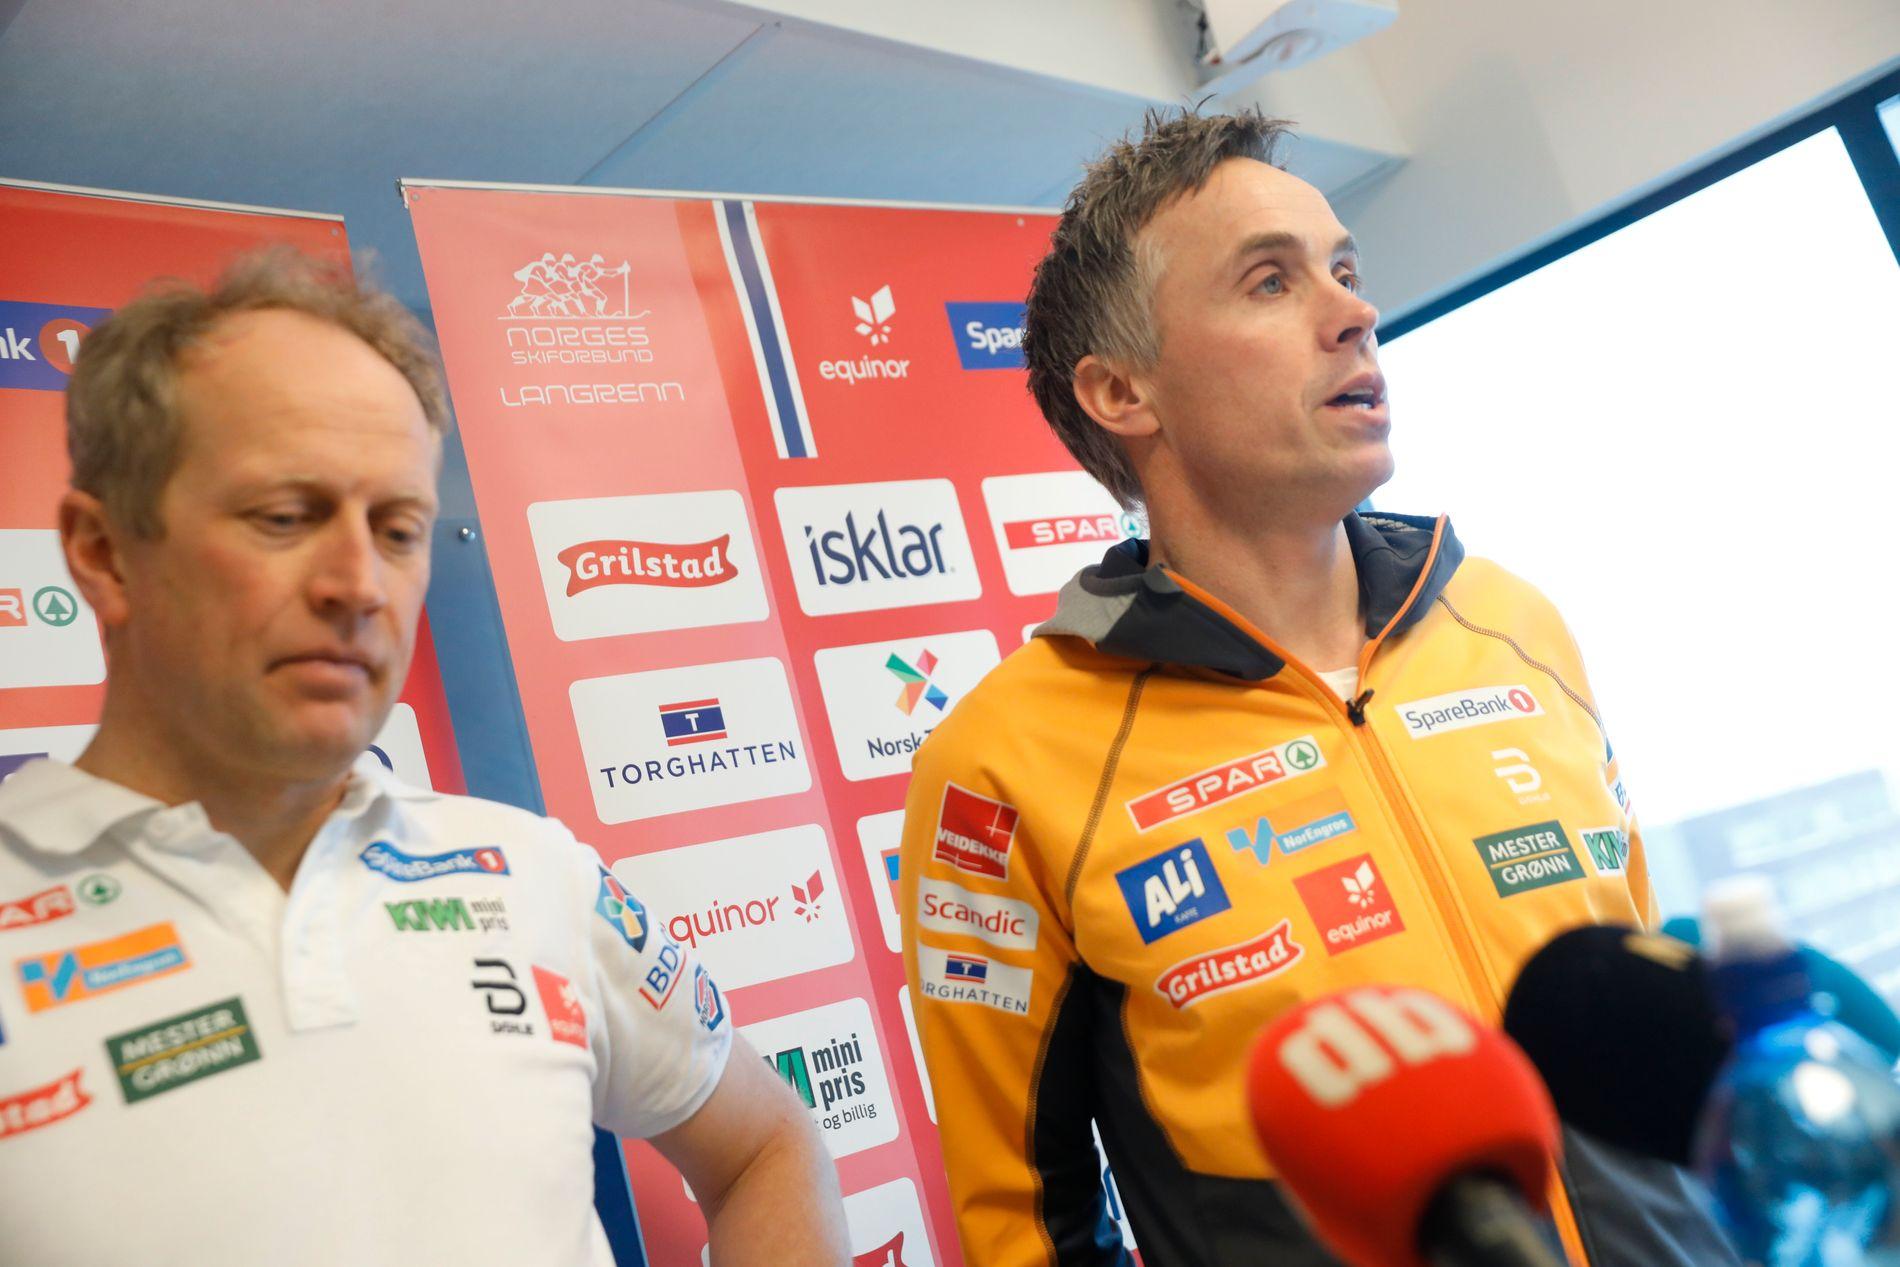 SLUTTER: Landslagssjef Vidar Løfshus og langrennssjef Espen Bjervig på onsdagens pressekonferansen hos Norges Skiforbund på Ullevål.